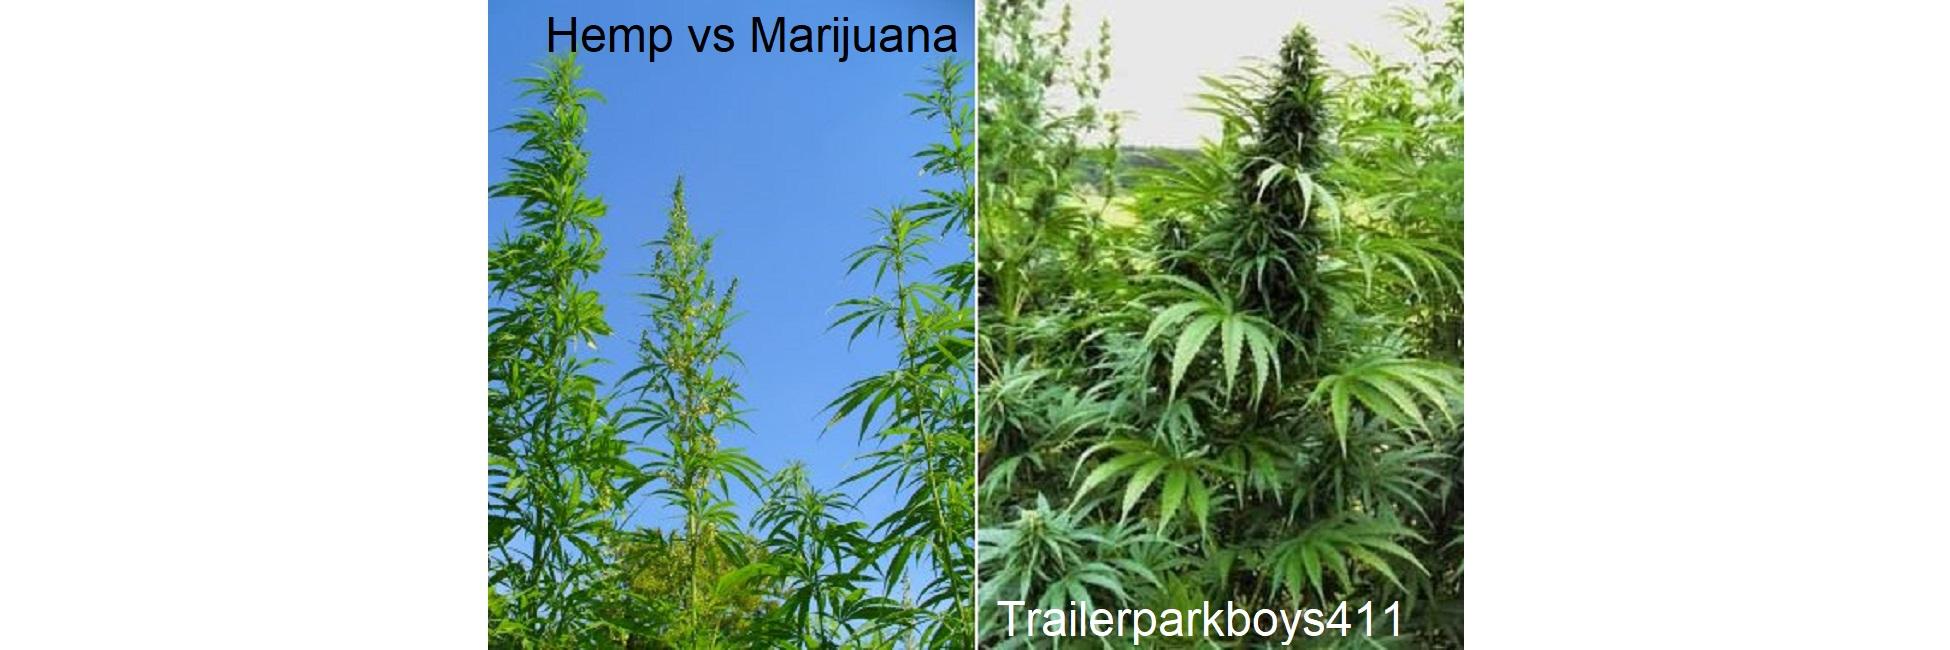 Hemp vs Marijuana What's the Difference